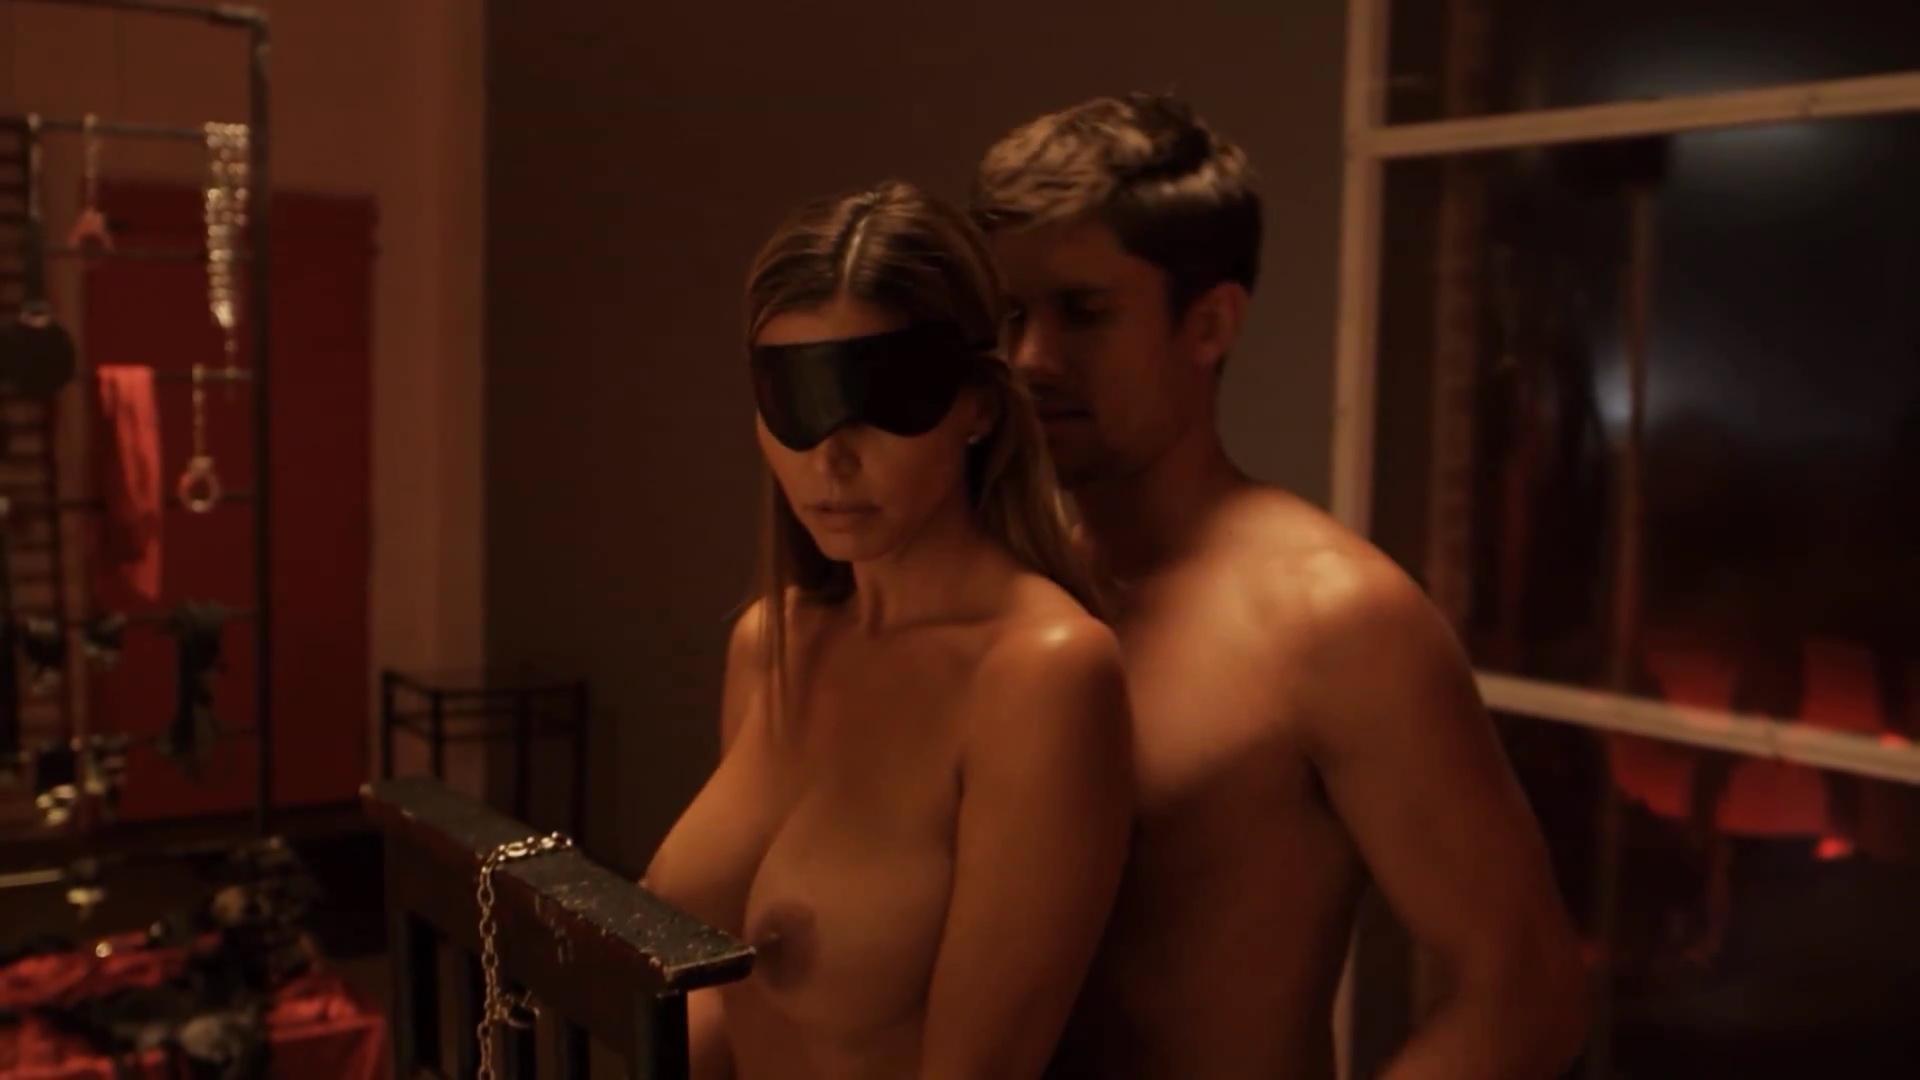 Buff celebrity guide movie nude scene